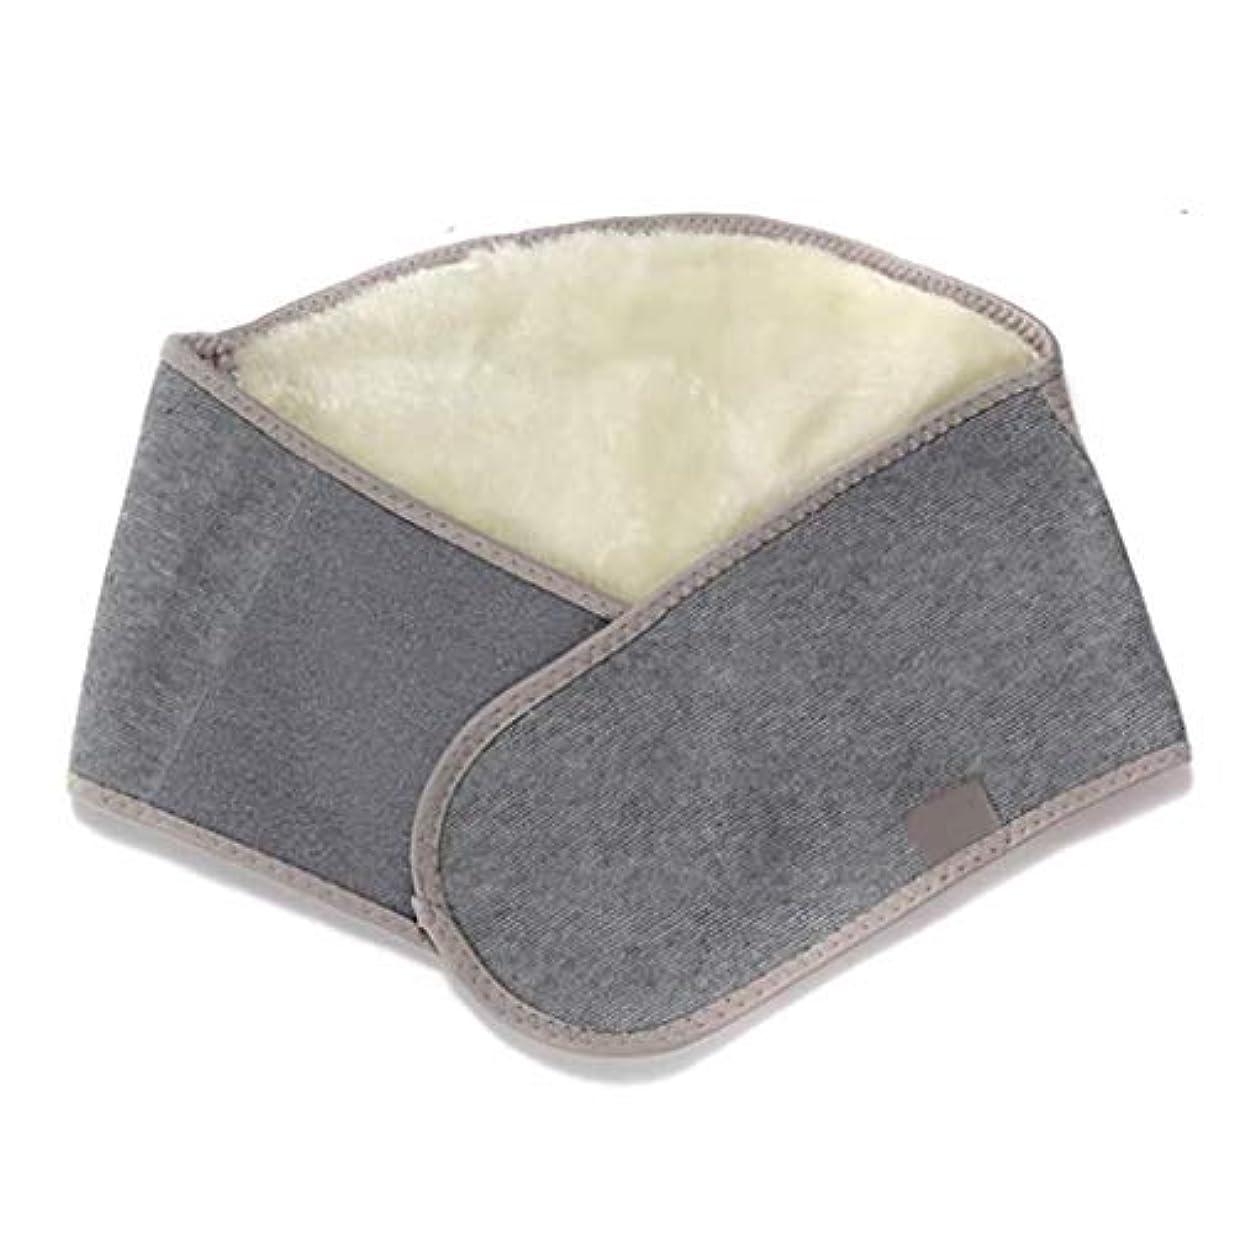 マイクリーンリーン戻る/腰サポートベルト、竹炭カシミヤベルト背面通気性を温め、痛みや防ぐ傷害を和らげます